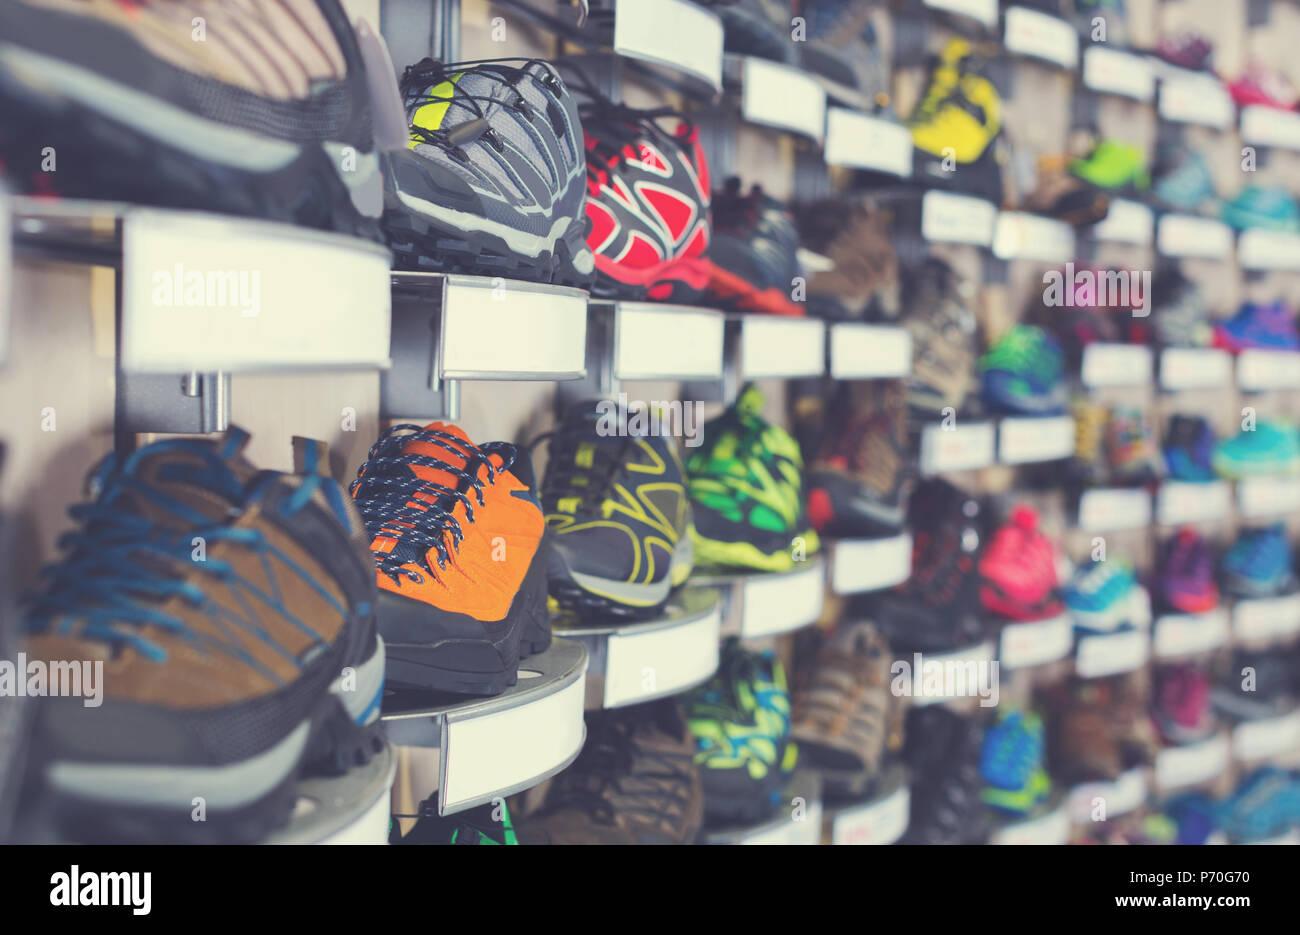 6012e9846ff8 Immagine di grande selezione di sport scarpe di colore in negozio ...